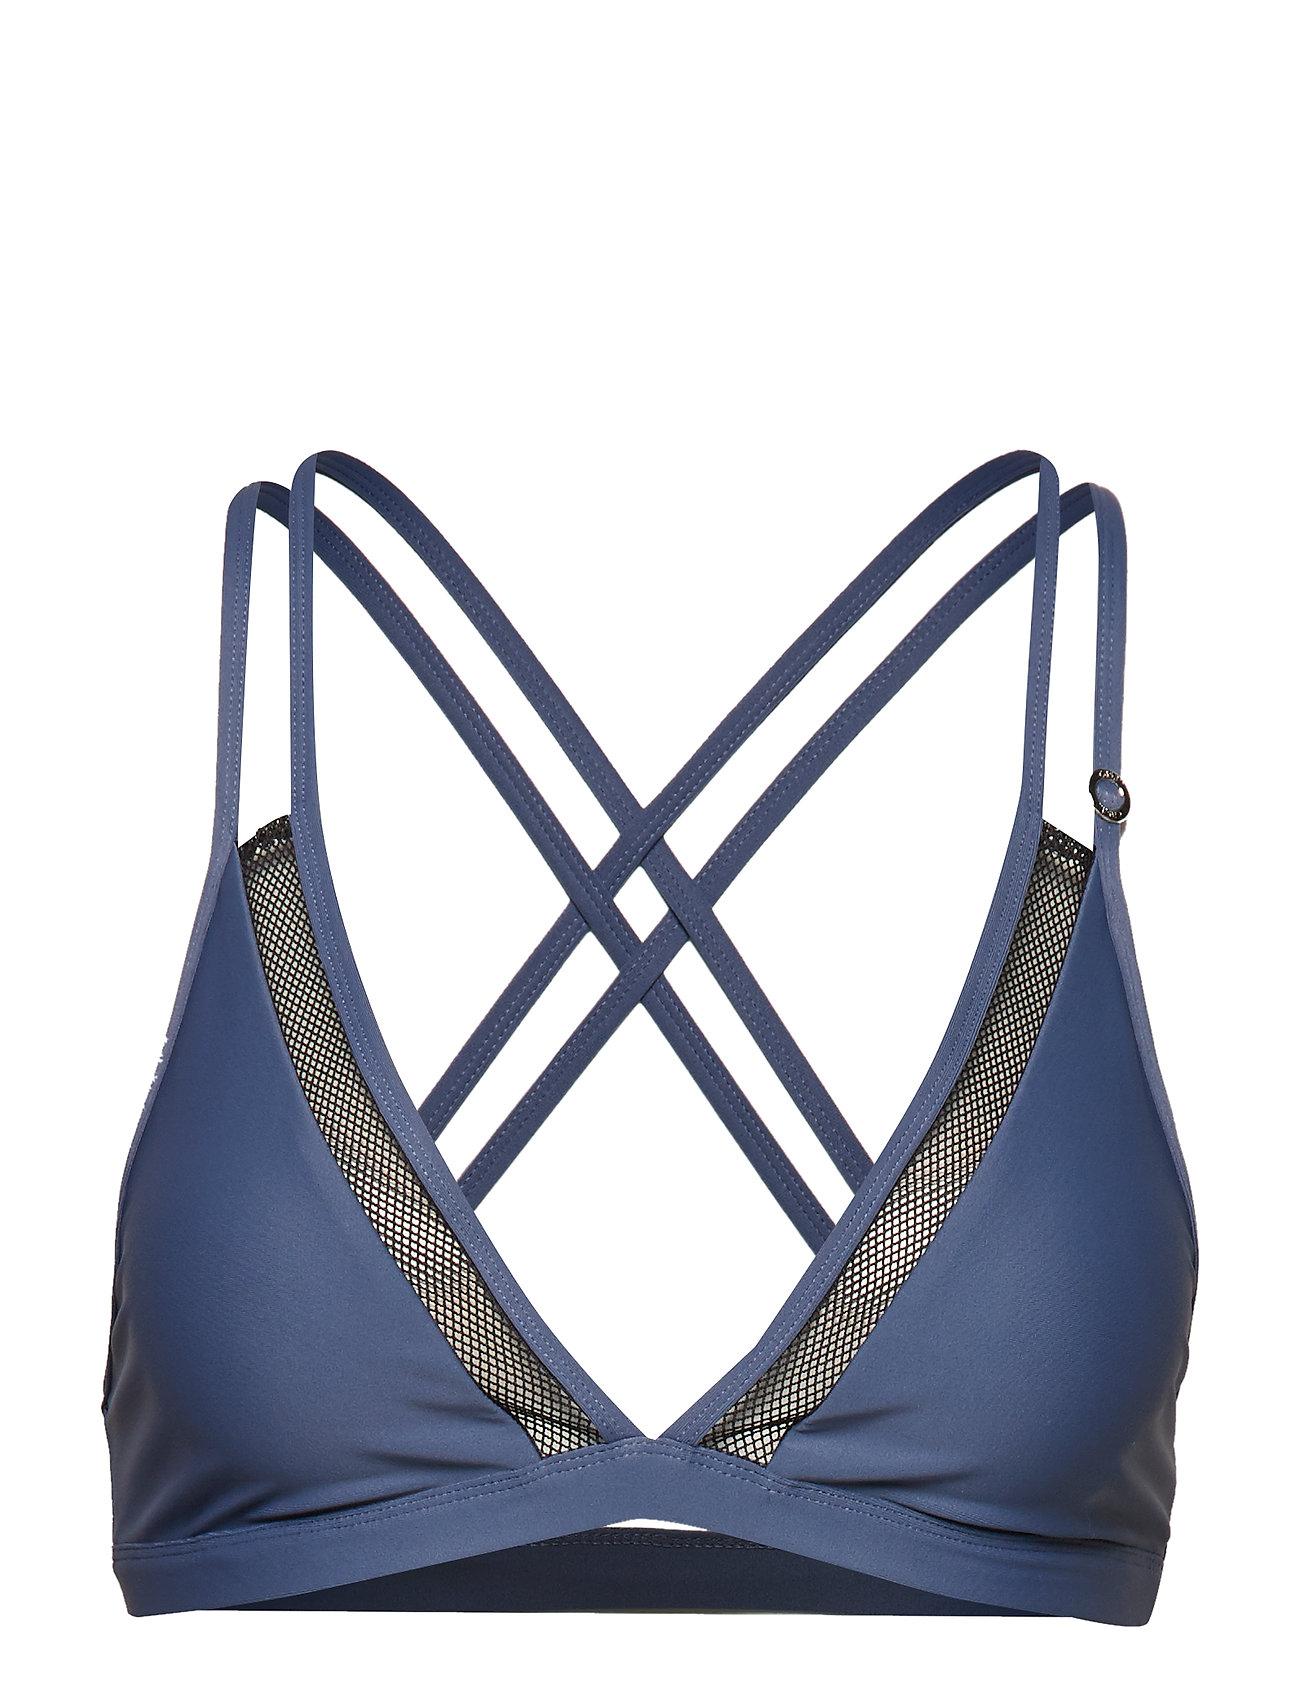 Casall Lacing Bikini Top